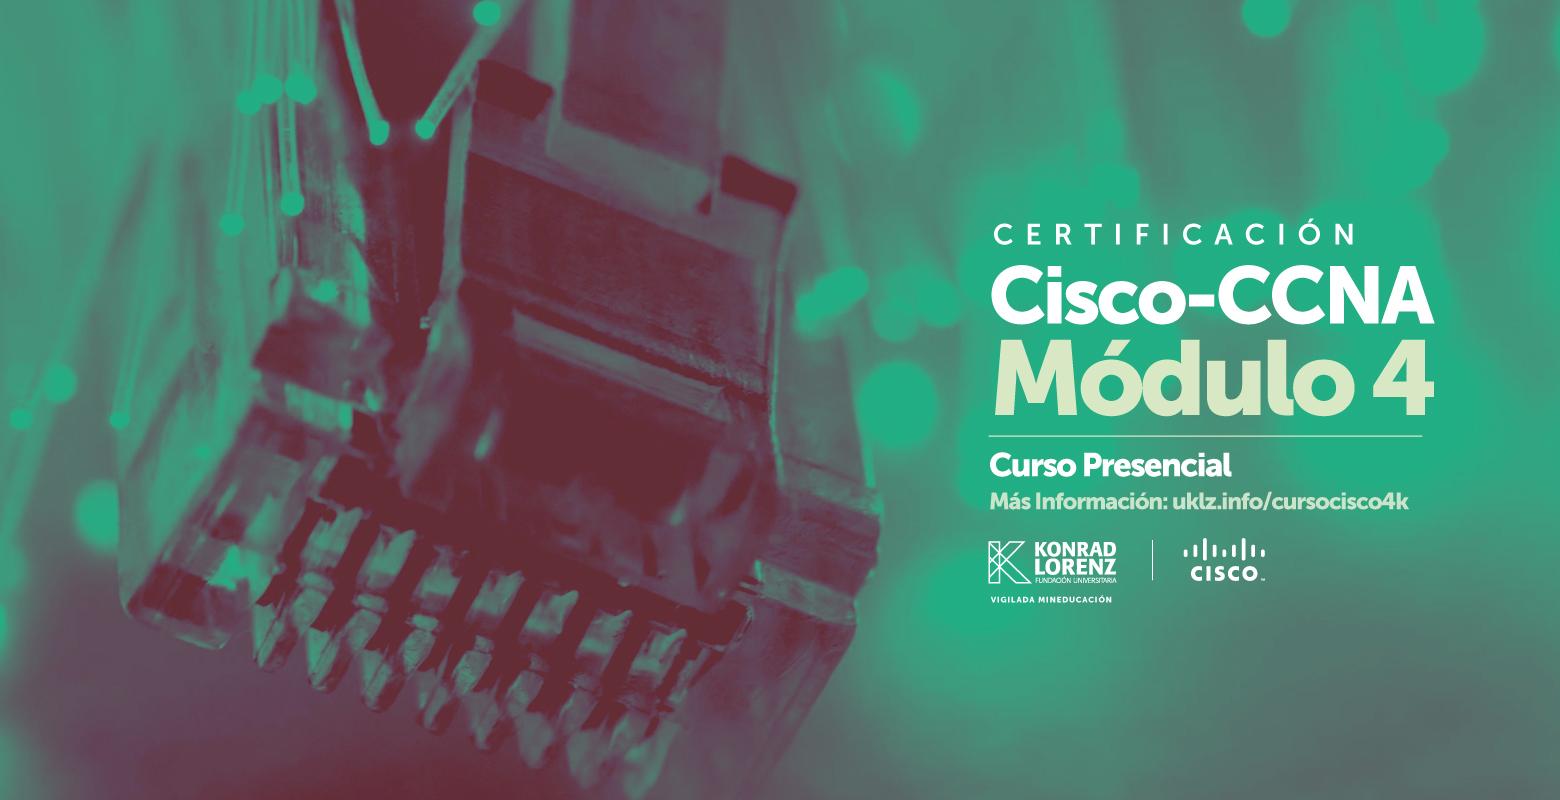 Curso para la Certificación Cisco CCNA - Módulo 4